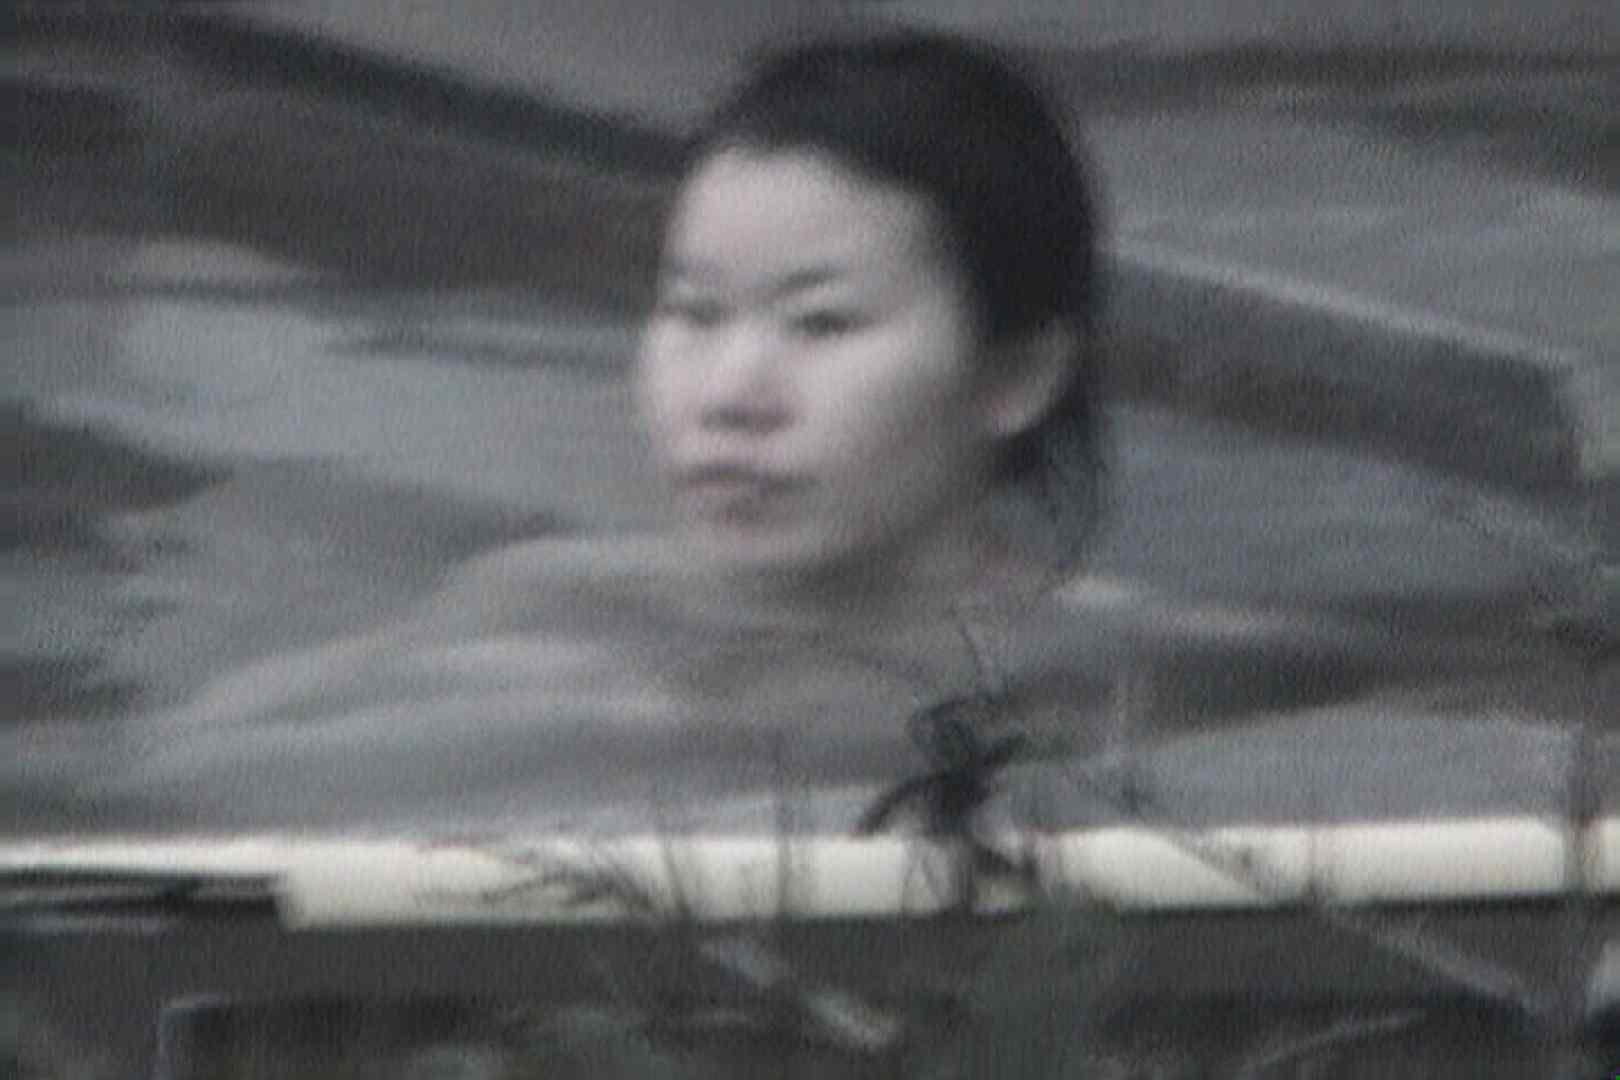 Aquaな露天風呂Vol.556 盗撮動画 | 露天風呂  11枚 9